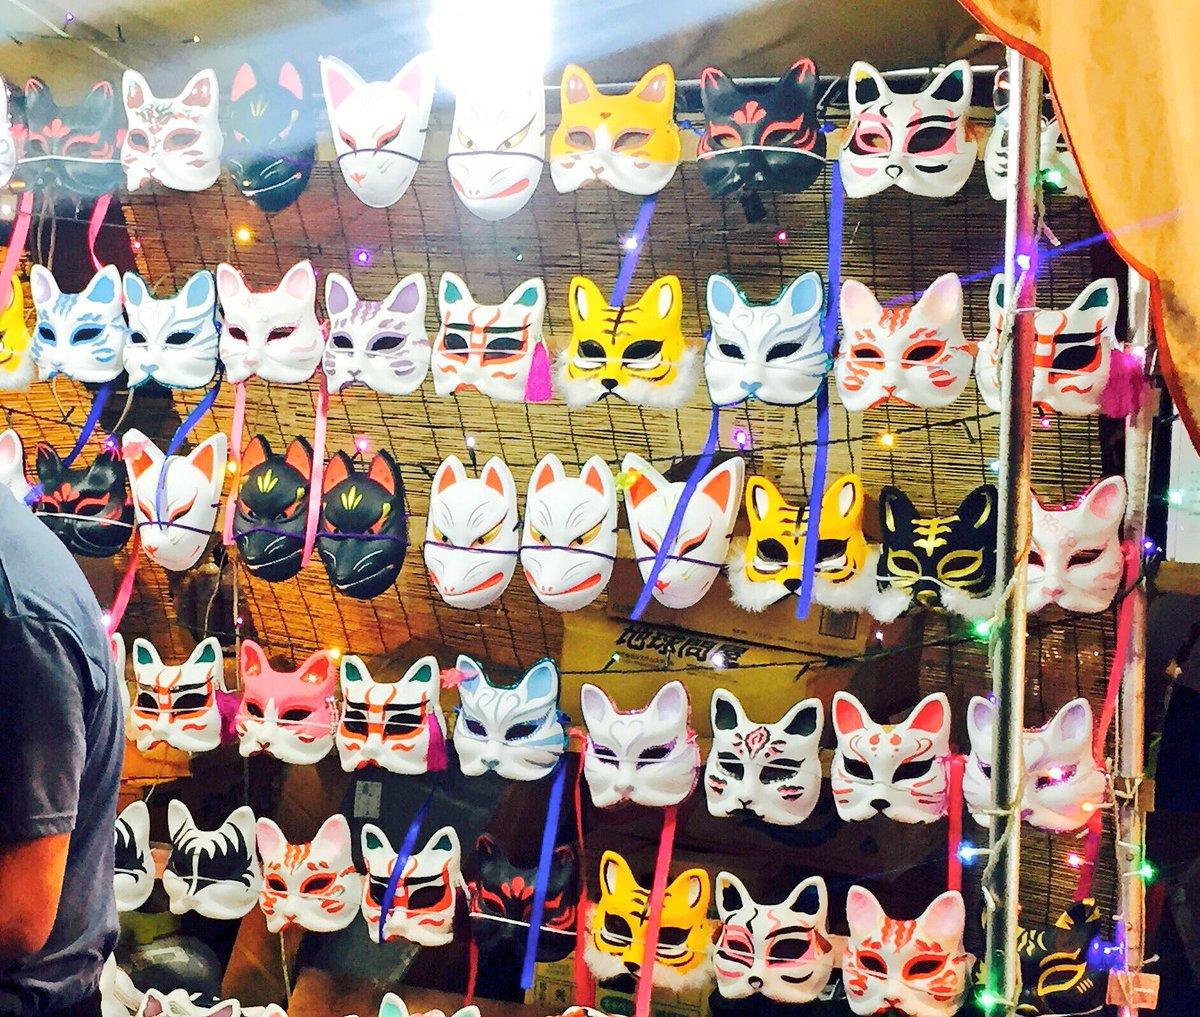 クセになりそう!多種多様な狐面を揃えた屋台が三社祭に出現www